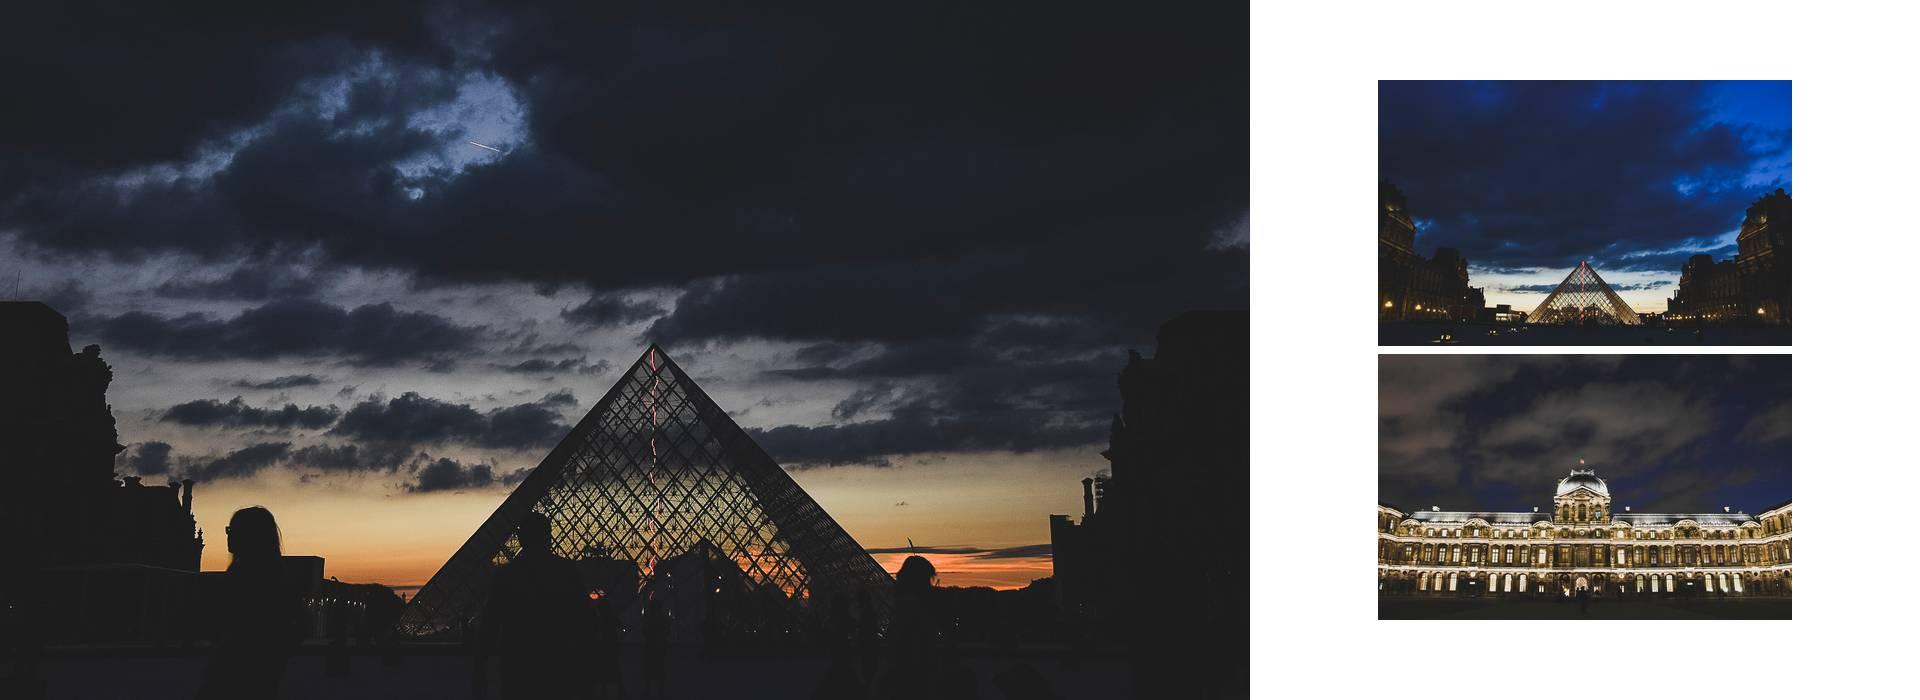 Live your Life - París - Musée du Louvre